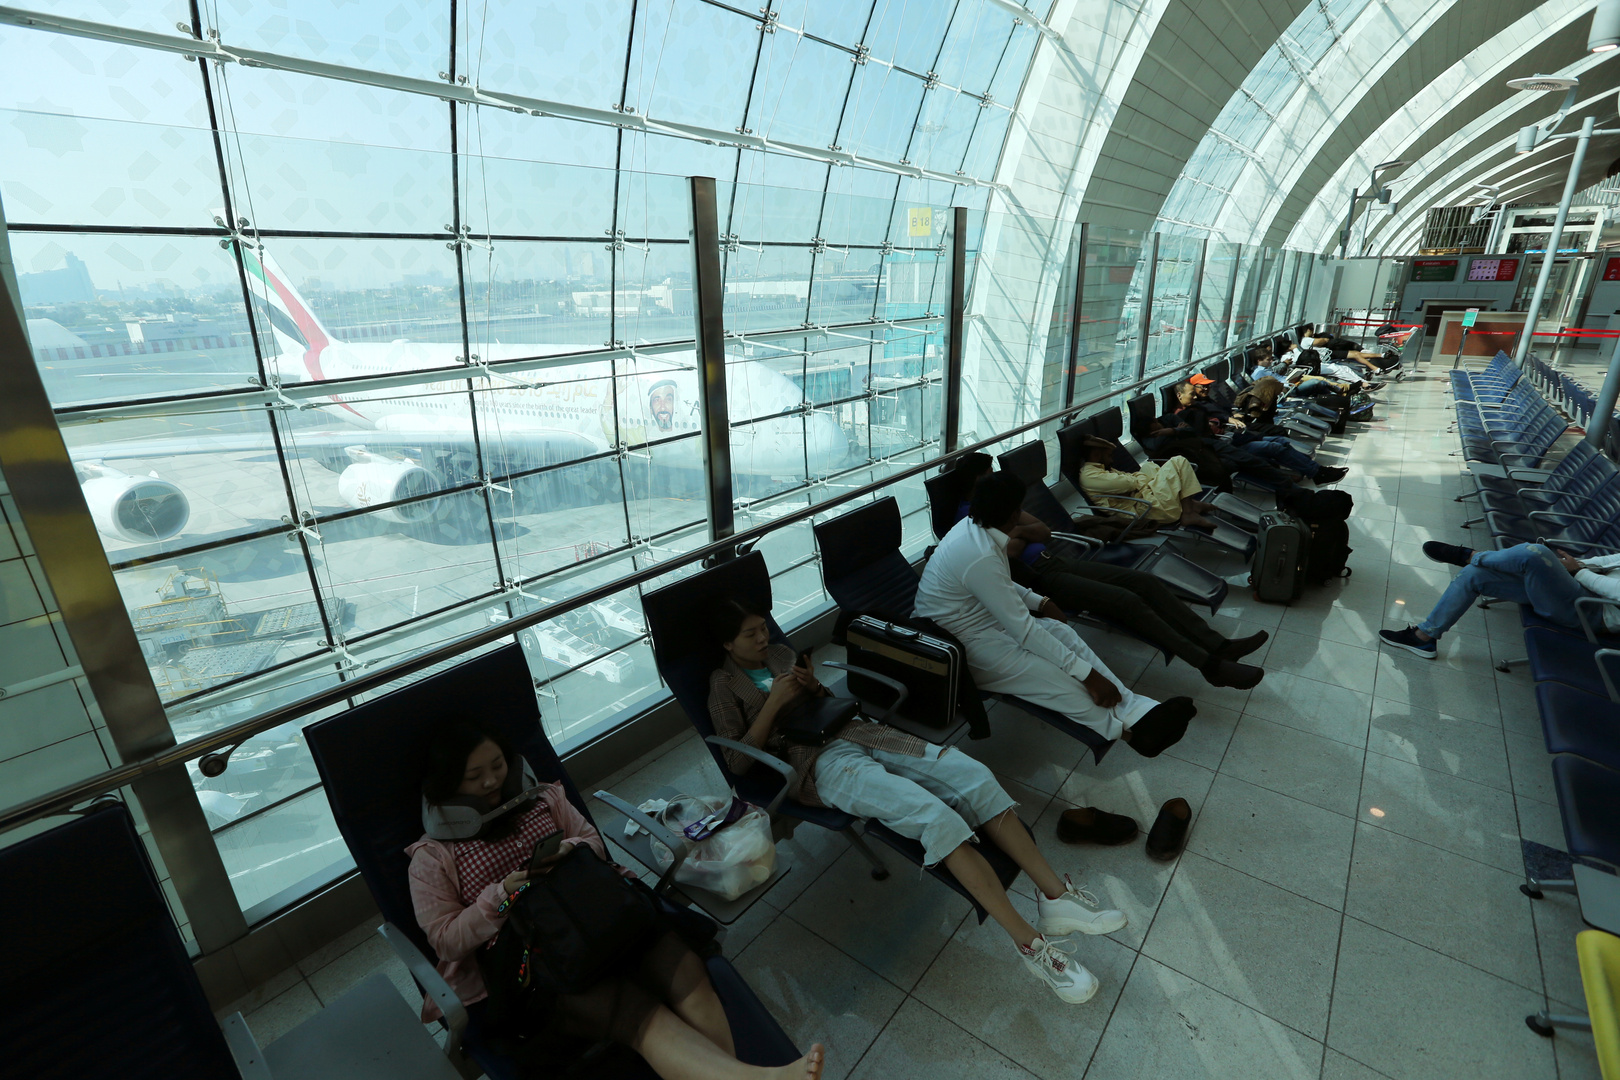 مطارات دولية تتخذ إجراءات صارمة بحق القادمين من الصين